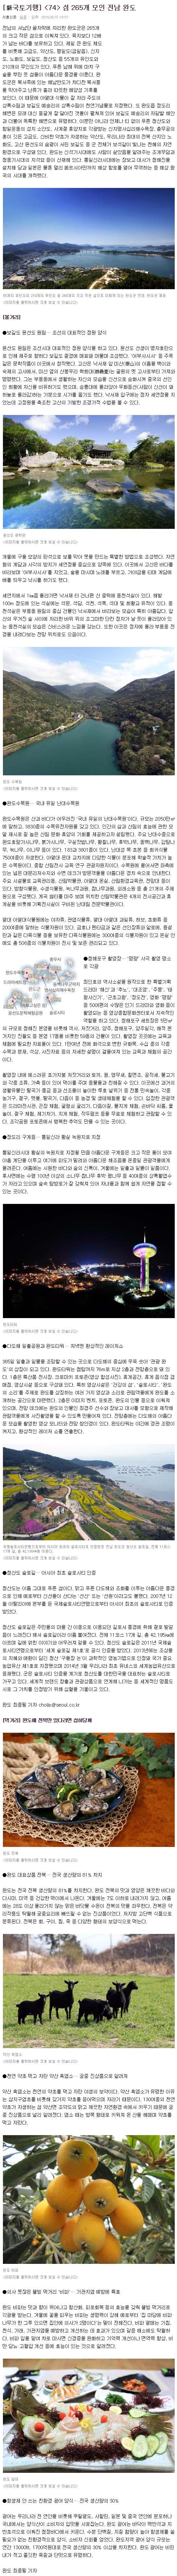 新국토기행 (74)섬265개 모인 완도.jpg